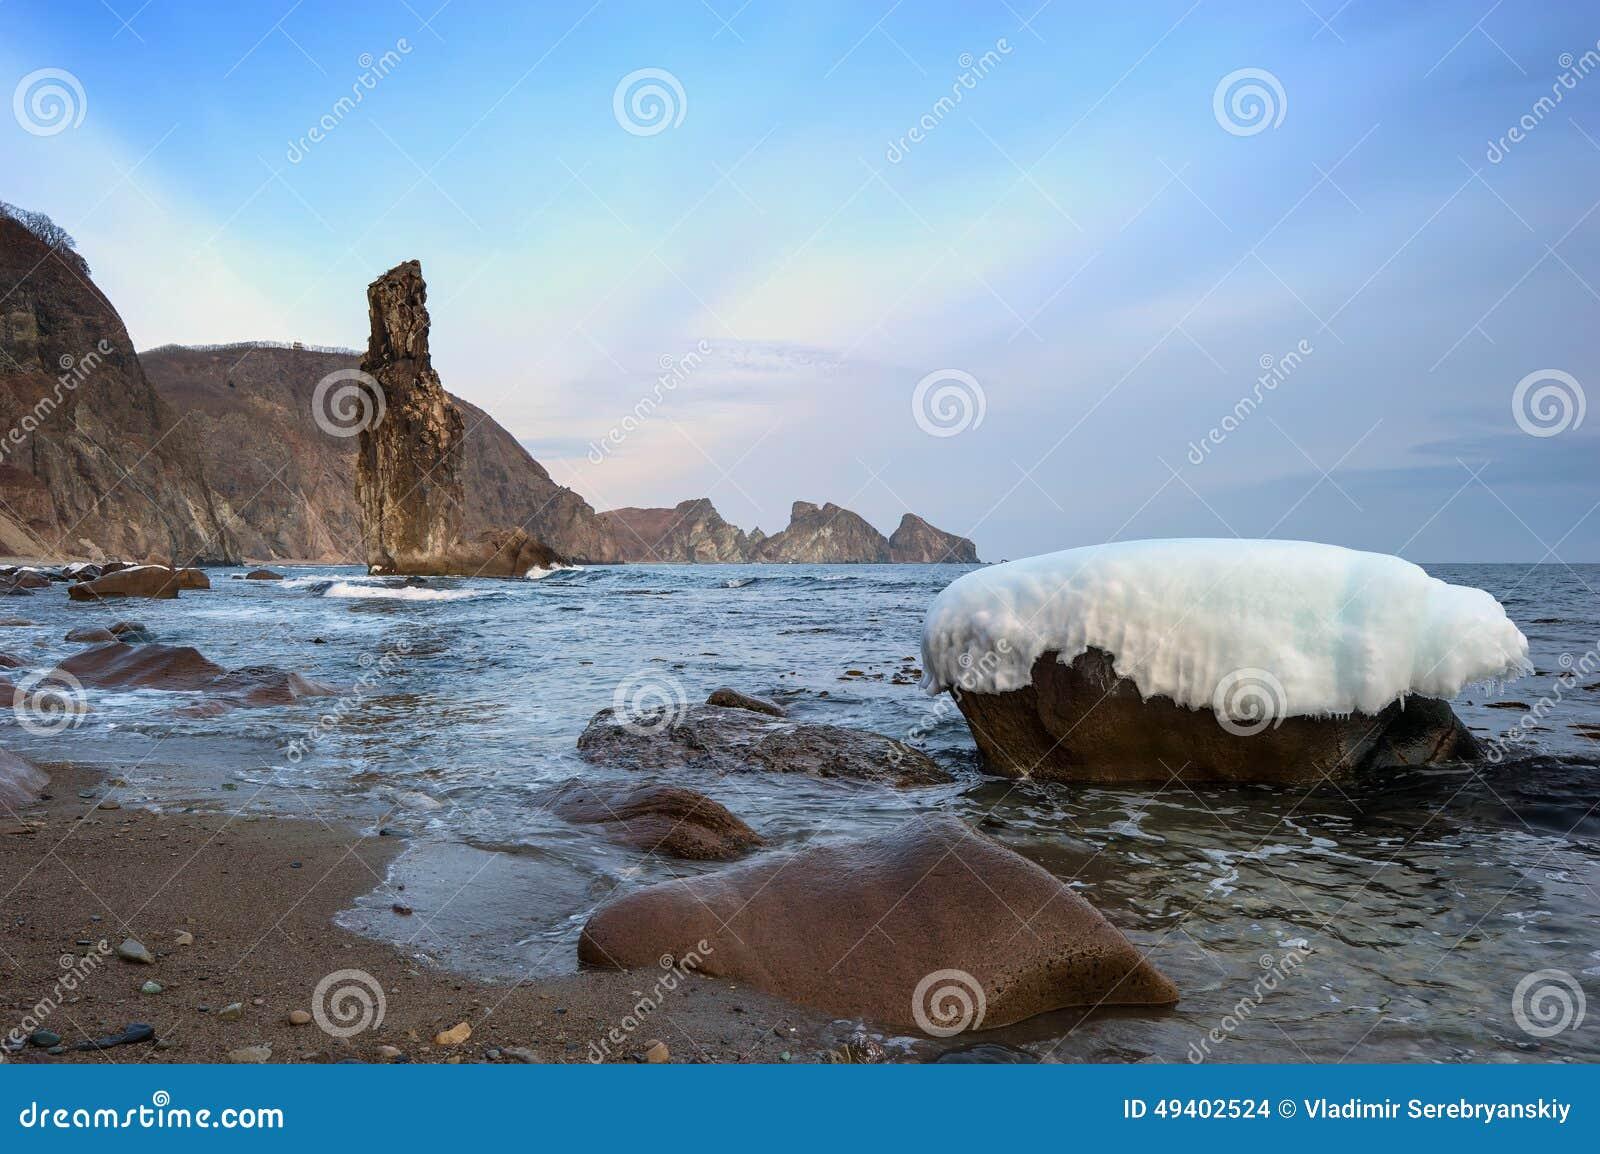 Download Abend Auf Dem Meer, Felsige Küste Stockfoto - Bild von horizontal, eingefroren: 49402524